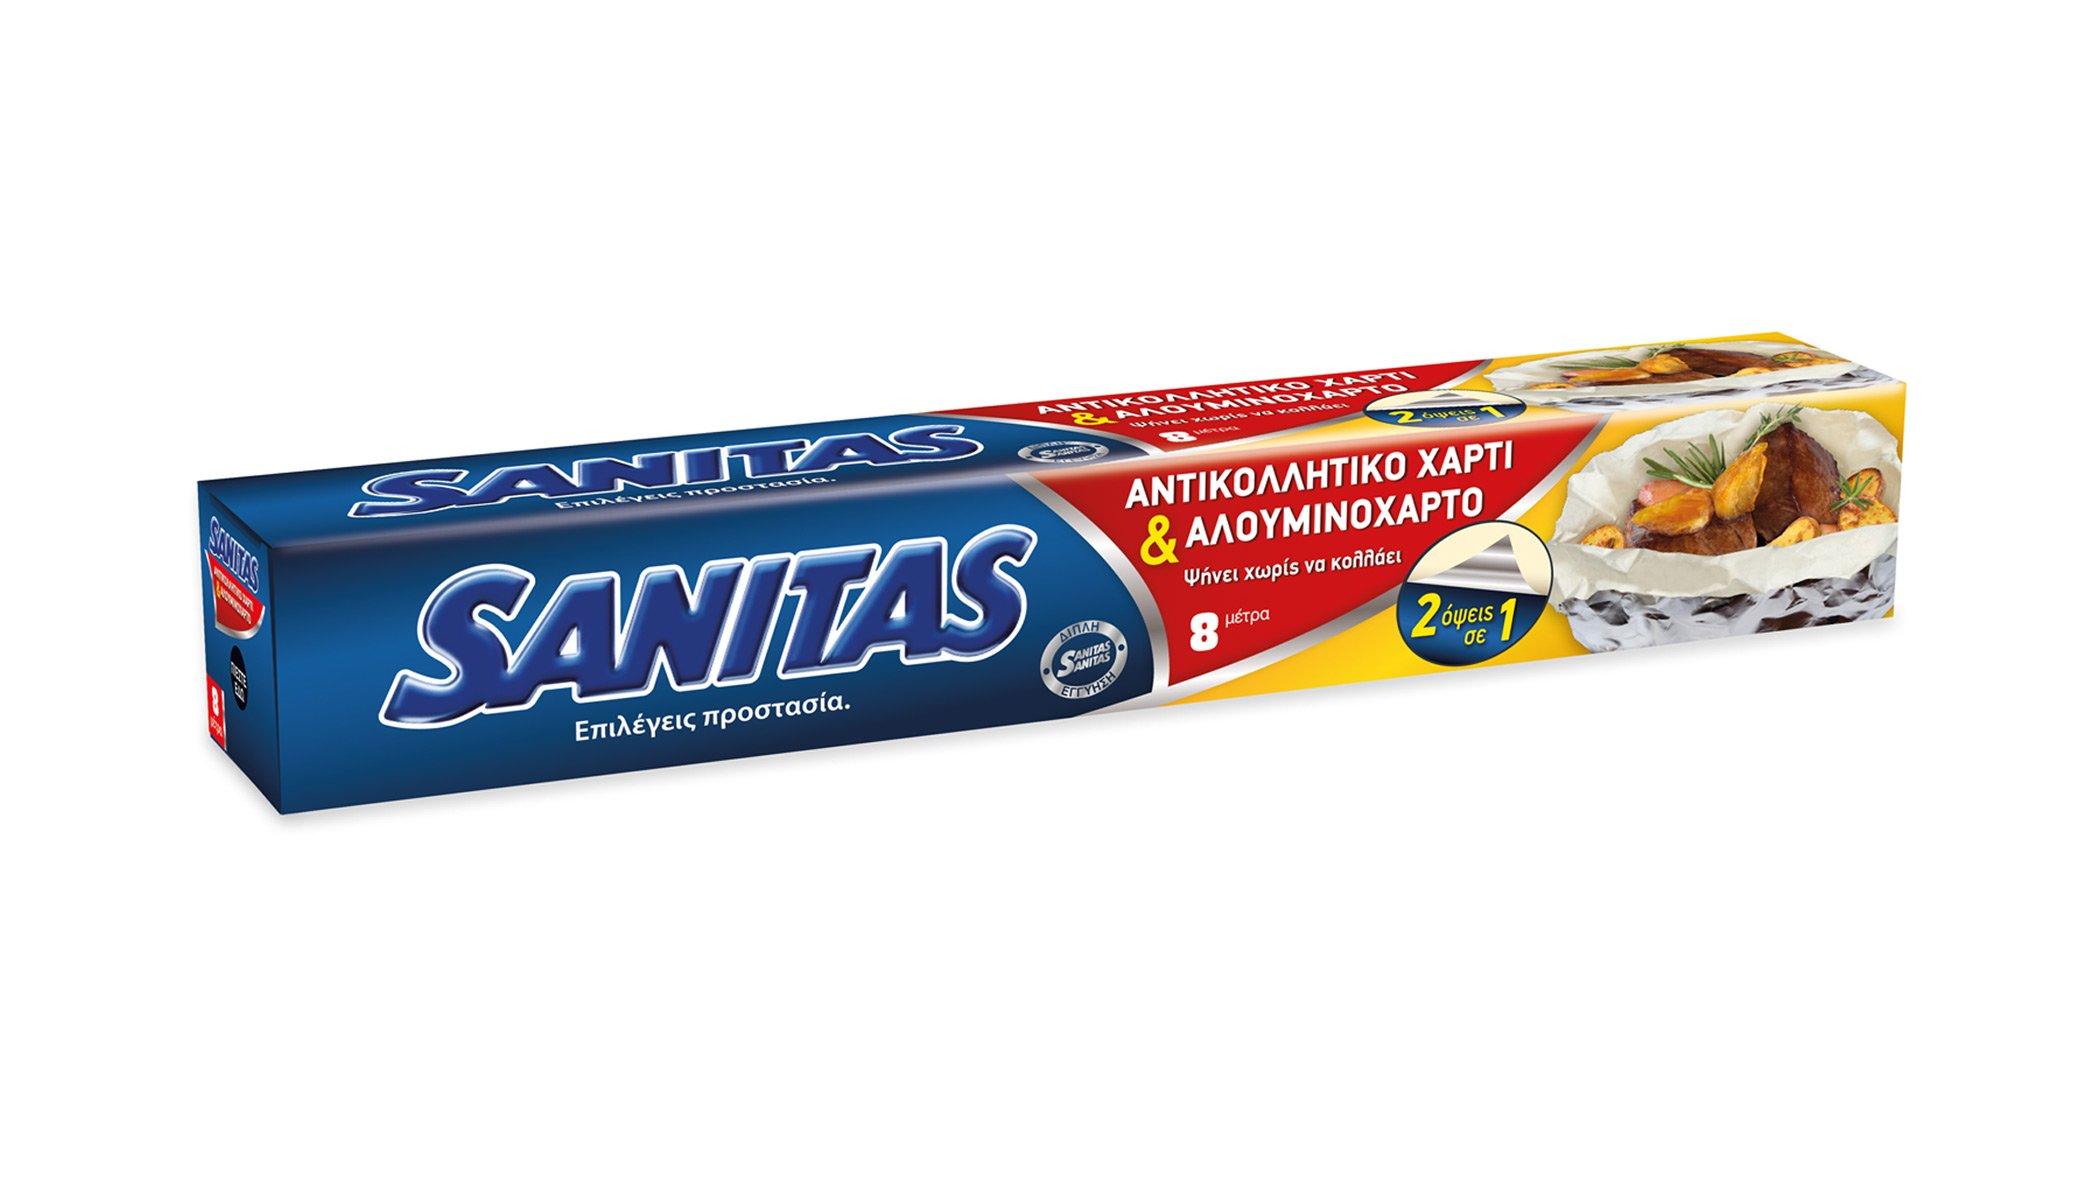 SANITAS Foil + Baking Paper in1